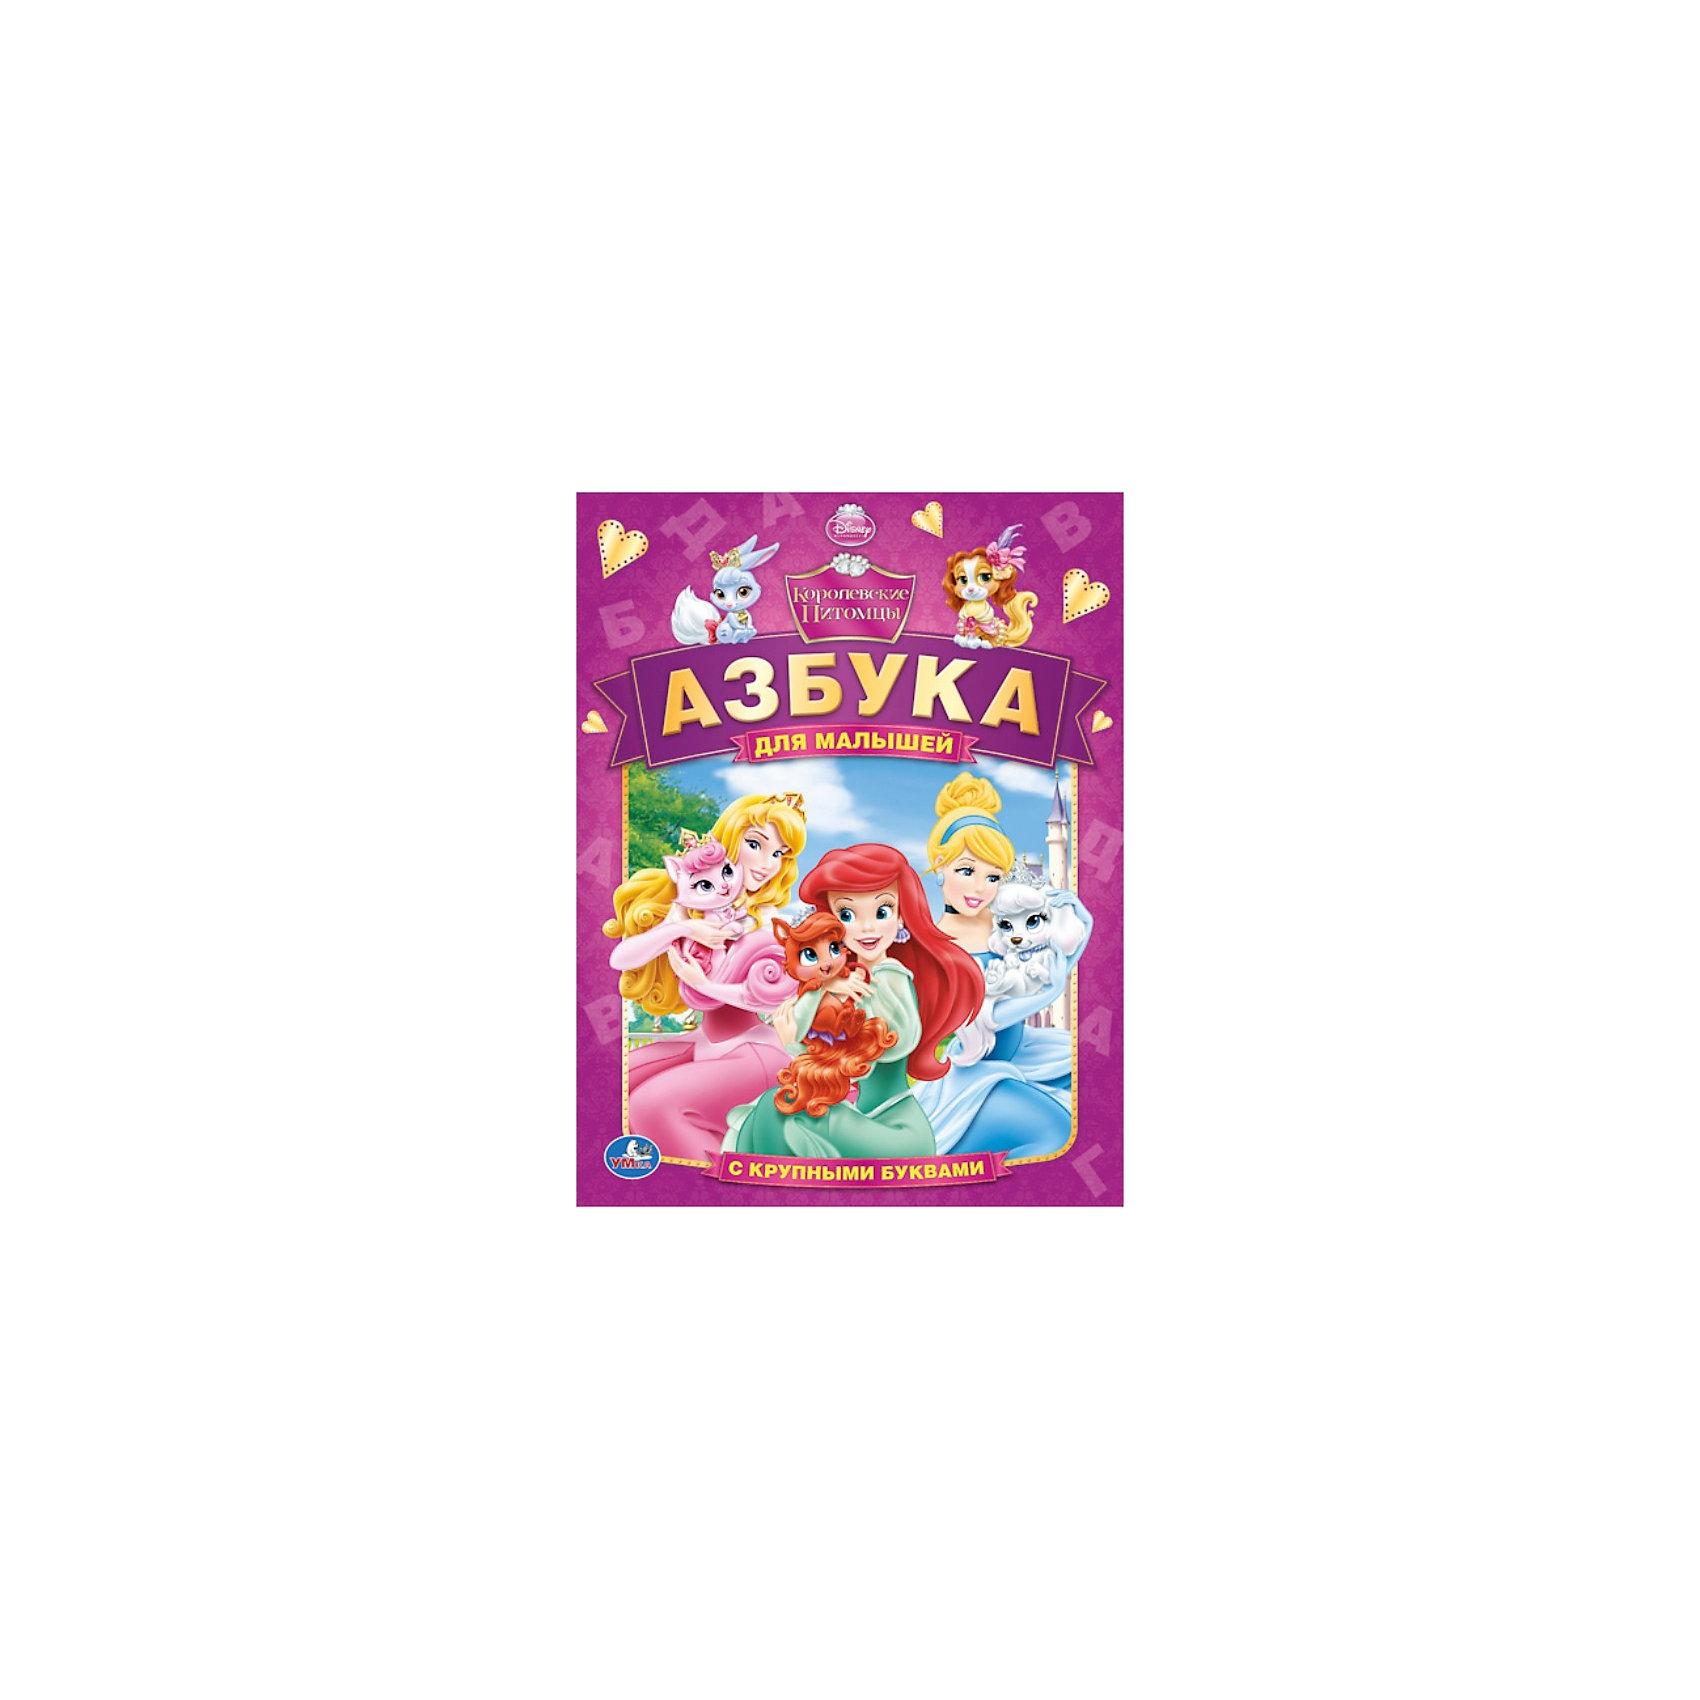 Азбука для малышей, Королевские питомцыАзбуки<br>Азбука для малышей Королевские питомцы Дисней (Disney), Умка специально разработана ведущими педагогами и логопедами Москвы для первого знакомства малыша с алфавитом. Книга с чудесными иллюстрациями в стиле любимых мультфильмов Дисней (Disney) непременно увлечет кроху. Крупные буквы будет очень легко запоминать. Начните знакомство с миром букв вместе с иллюстрированной азбукой для малышей Королевские питомцы!<br><br>Дополнительное описание:<br><br>- Количество страниц: 30;<br>- Плотные, яркие;<br>- Крупные буквы;<br>- Подойдет даже для самых маленьких читателей;<br>- Издание понравится любителям мультфильмов Диснея (Disney);<br>- Размер: 20 х 26 см;<br>- Вес: 610 г<br><br>Азбуку для малышей Королевские питомцы Дисней, Умка, можно купить в нашем интернет-магазине.<br><br>Ширина мм: 200<br>Глубина мм: 260<br>Высота мм: 20<br>Вес г: 610<br>Возраст от месяцев: 12<br>Возраст до месяцев: 84<br>Пол: Женский<br>Возраст: Детский<br>SKU: 3915818